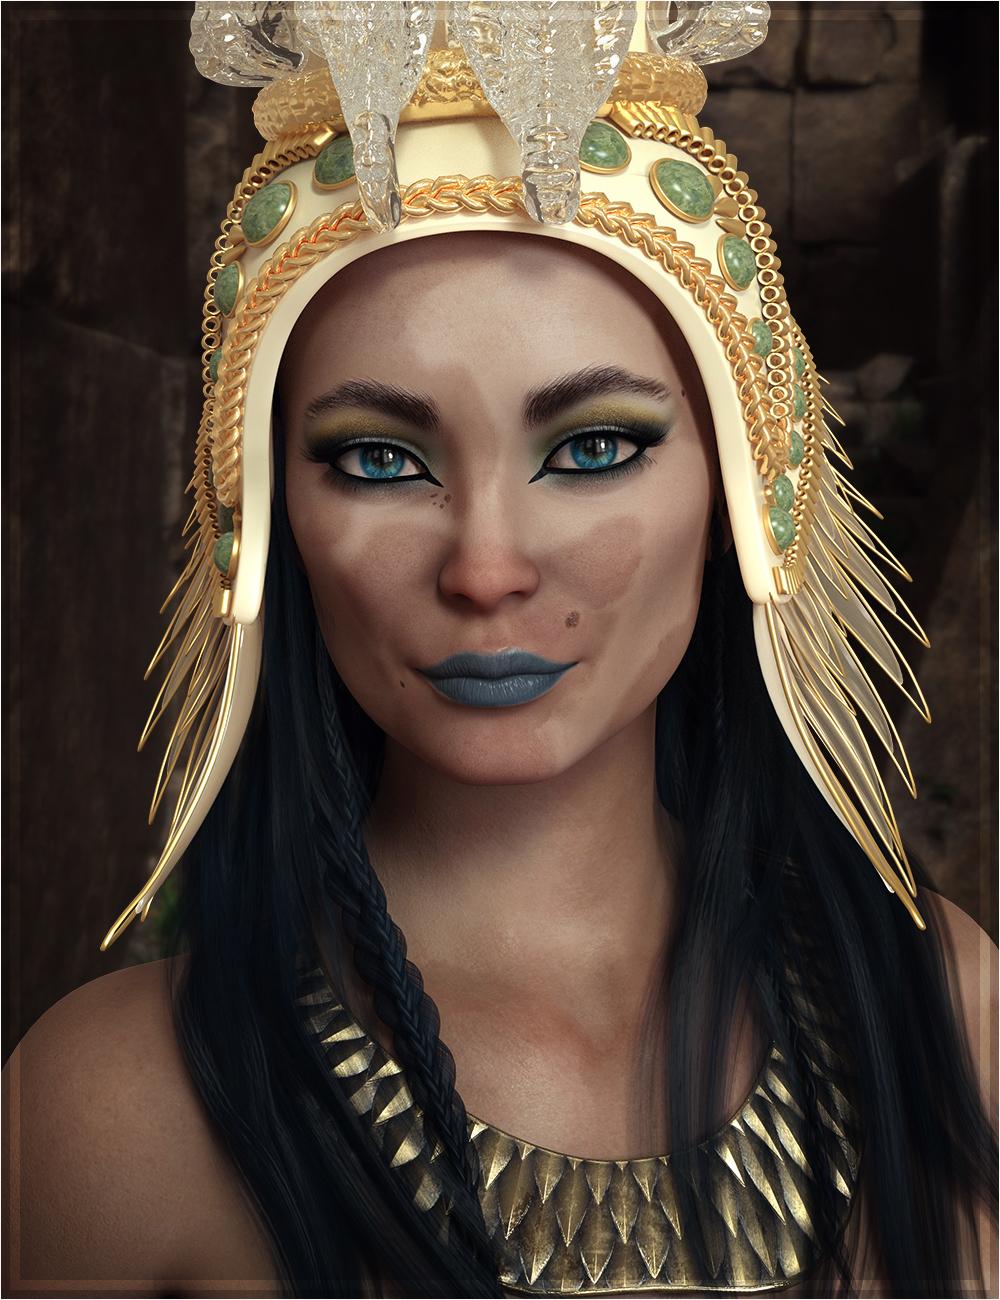 Meadow for Genesis 8 Female by: hotlilme74OziChick, 3D Models by Daz 3D